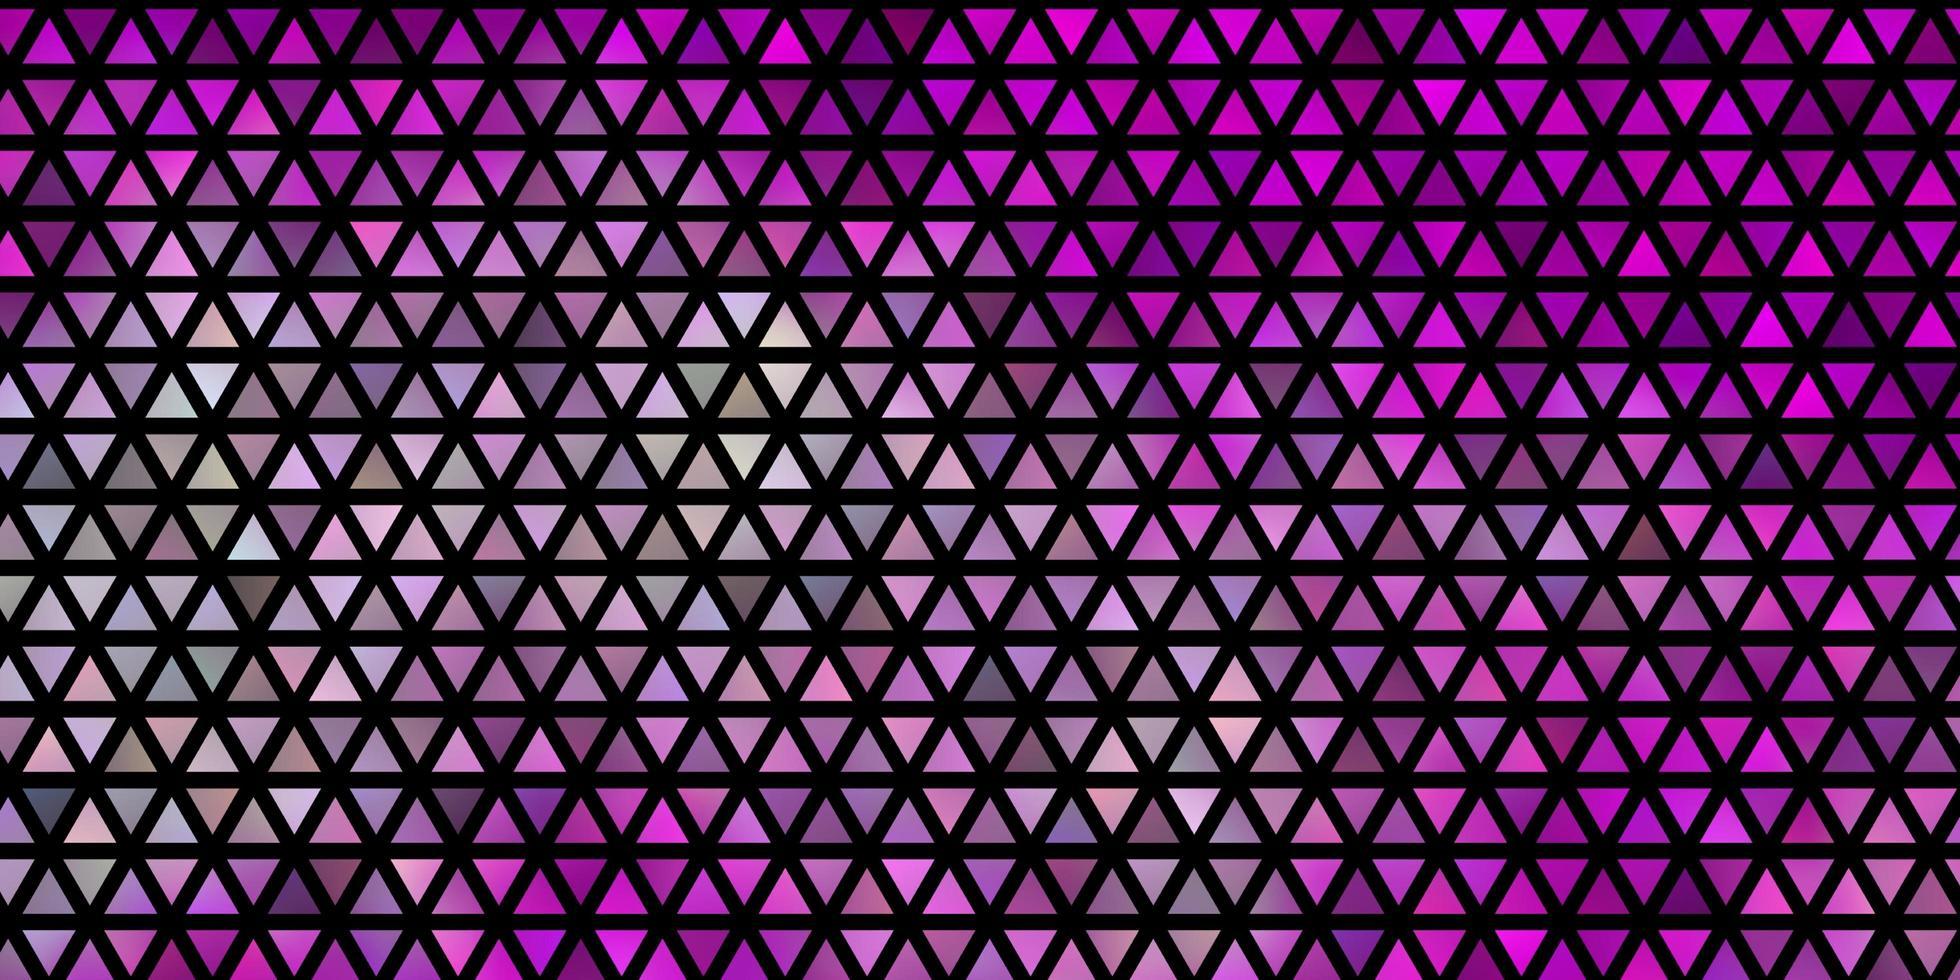 sfondo vettoriale viola chiaro, rosa con linee, triangoli.